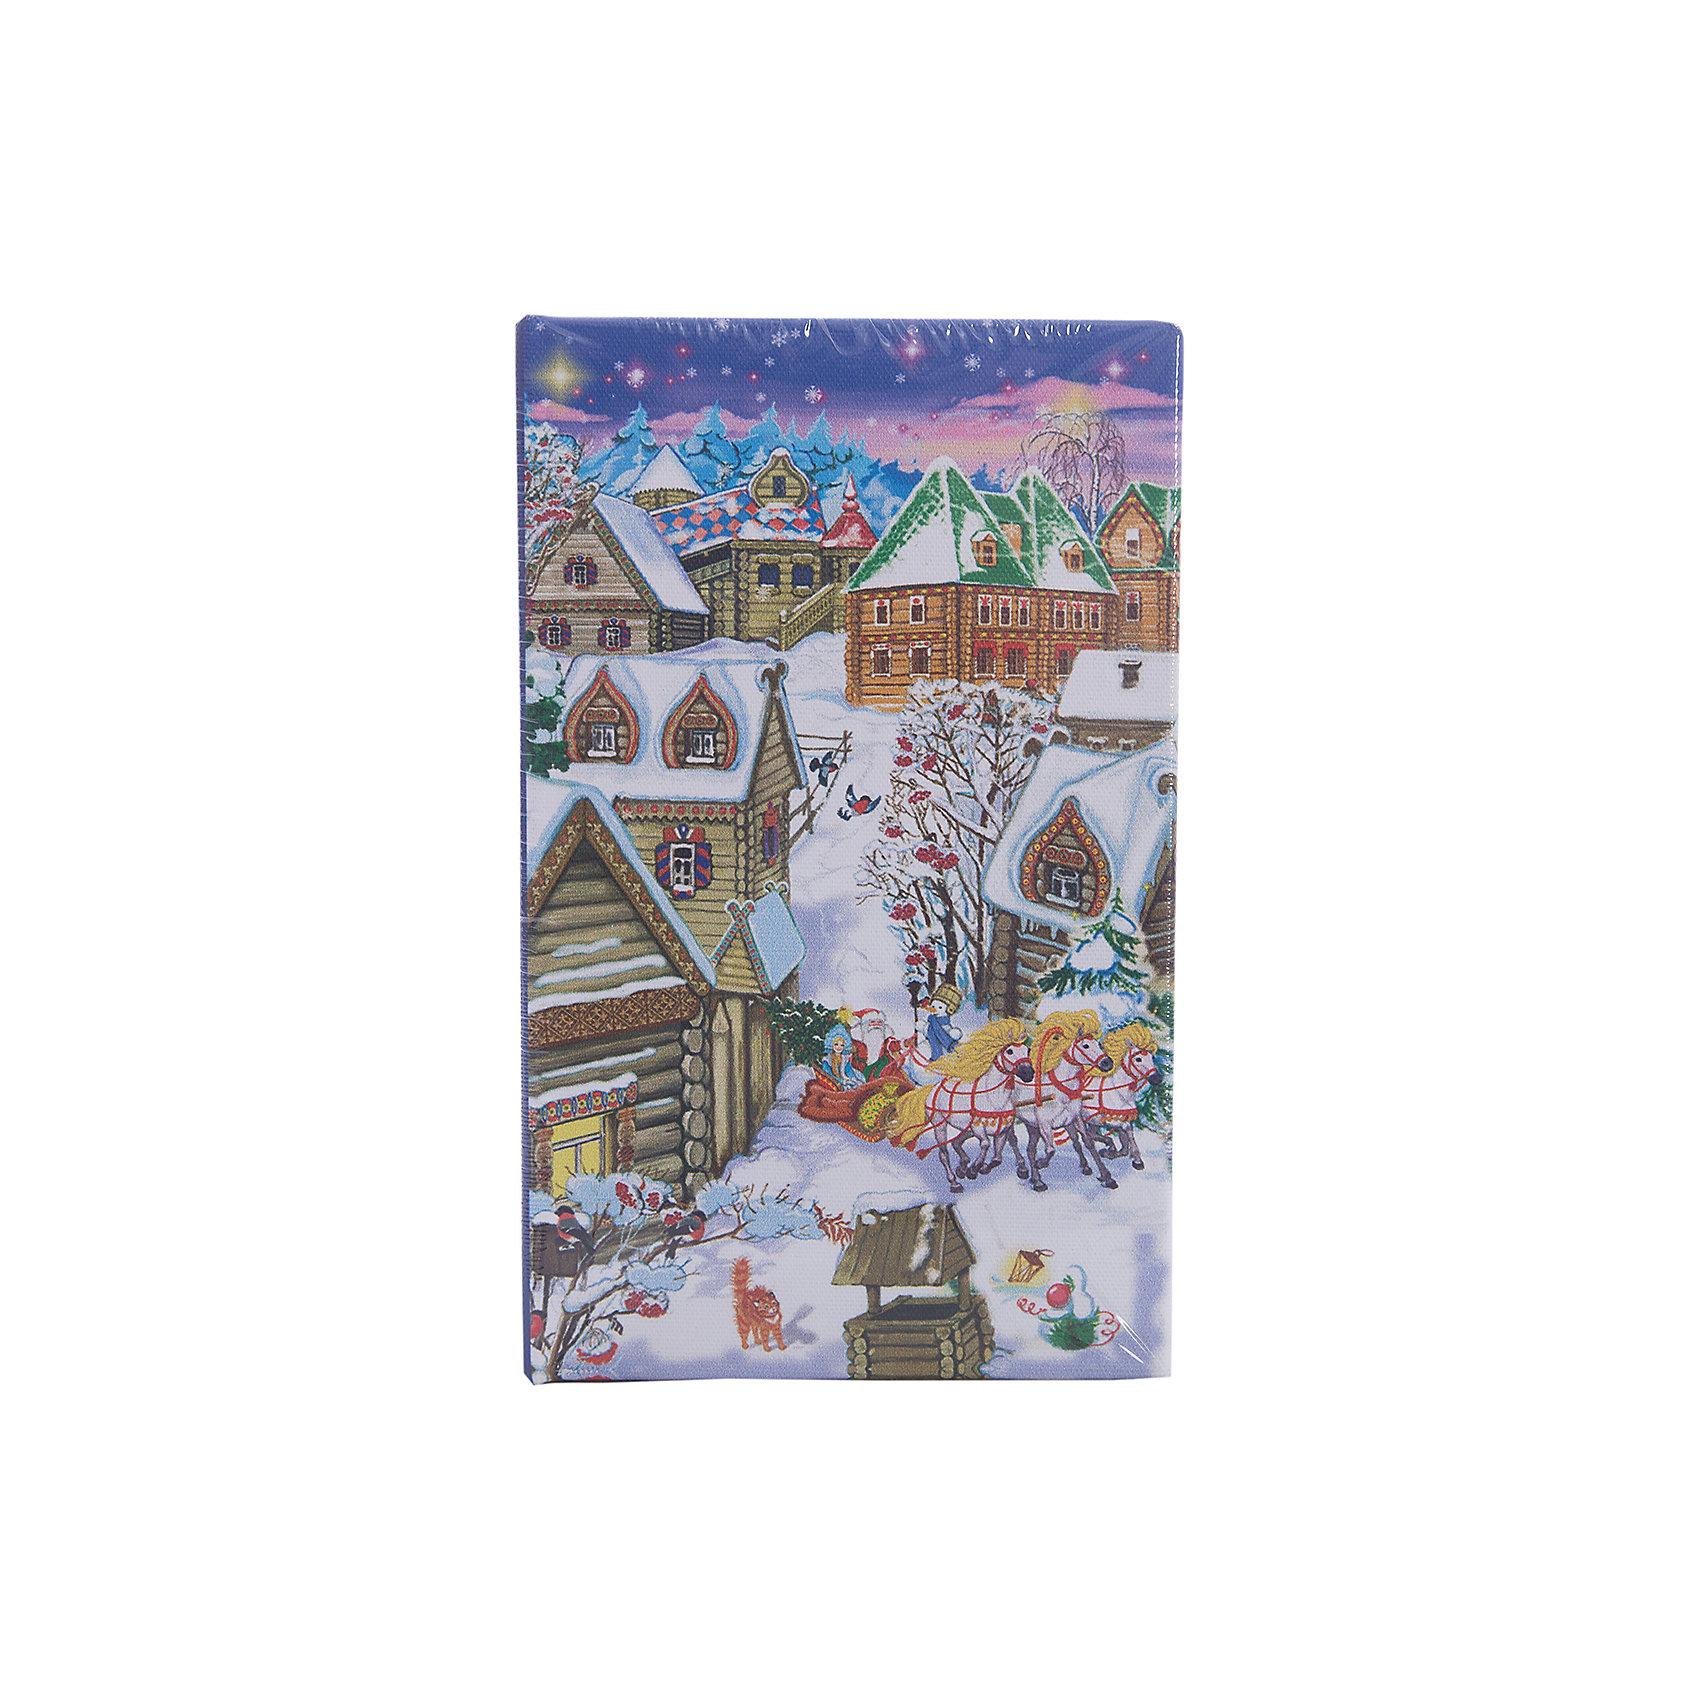 Декоративная шкатулка Снежный город(17*11*5см, из МДФ)Новогодние свечи и подсвечники<br>Декоративная шкатулка Снежный городарт.41716 (17*11*5см, из МДФ) / 17*11*5 арт.41716<br><br>Ширина мм: 180<br>Глубина мм: 120<br>Высота мм: 60<br>Вес г: 307<br>Возраст от месяцев: 60<br>Возраст до месяцев: 600<br>Пол: Унисекс<br>Возраст: Детский<br>SKU: 5144548